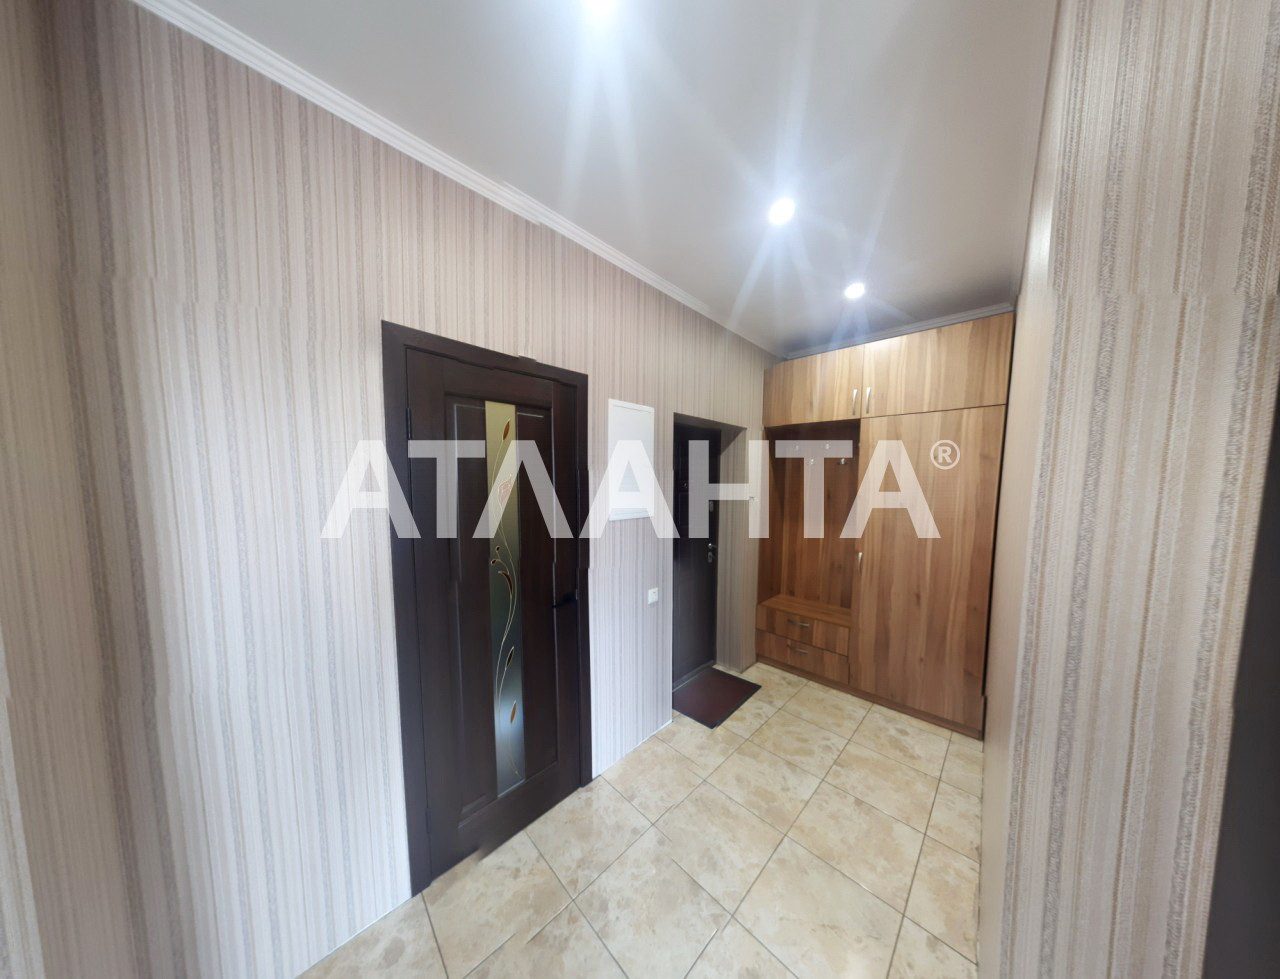 Продается 1-комнатная Квартира на ул. Ул. Вильямса — 60 000 у.е. (фото №12)